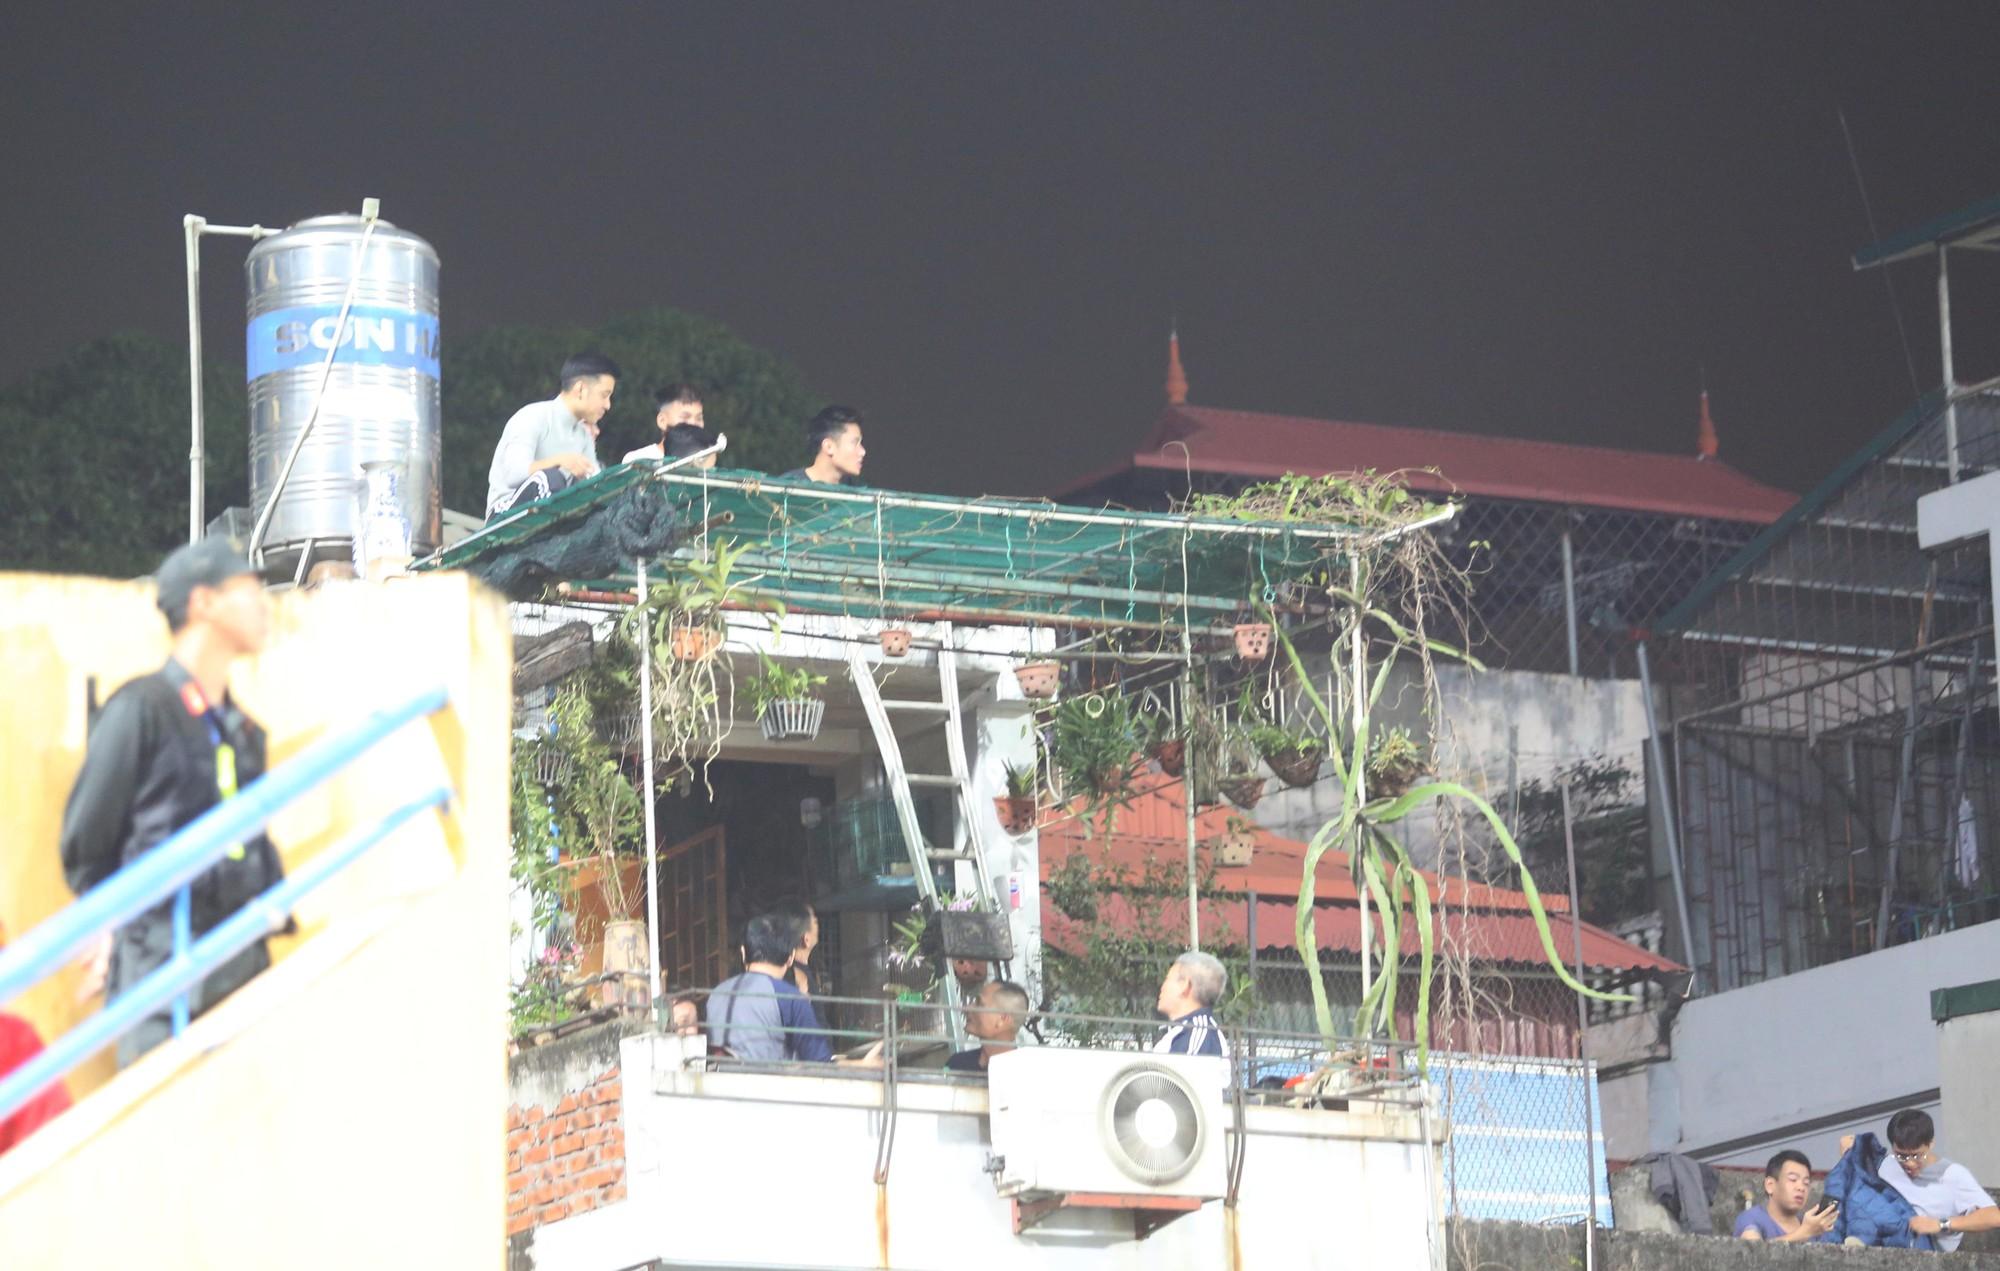 Khán đài dã chiến 0 đồng tại sân Hàng Đẫy trận Việt Nam - Campuchia - Ảnh 11.